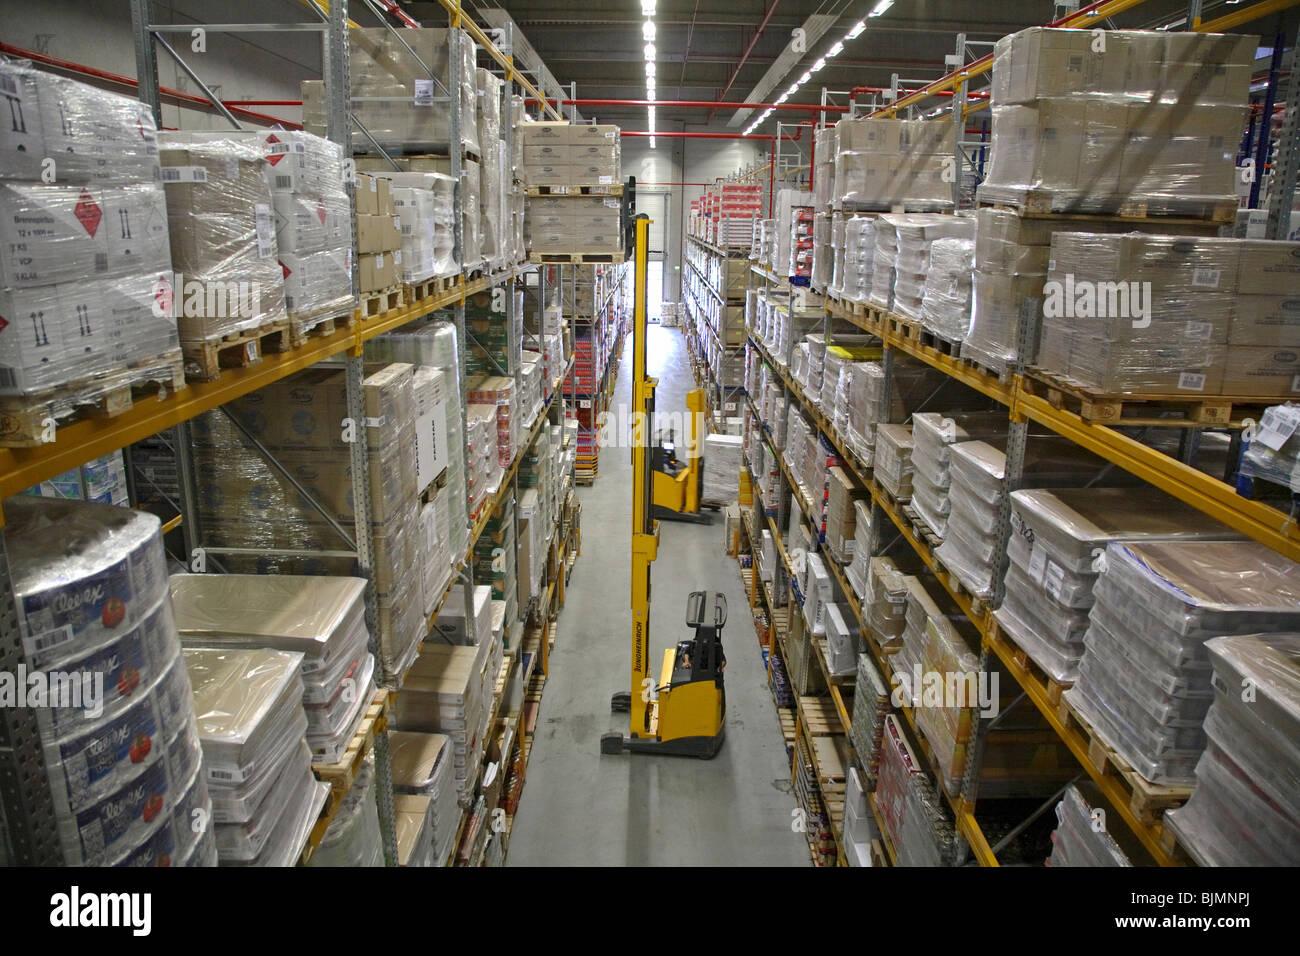 hamm hochregallager der logistik firma edeka deutschland stockfoto bild 28730314 alamy. Black Bedroom Furniture Sets. Home Design Ideas